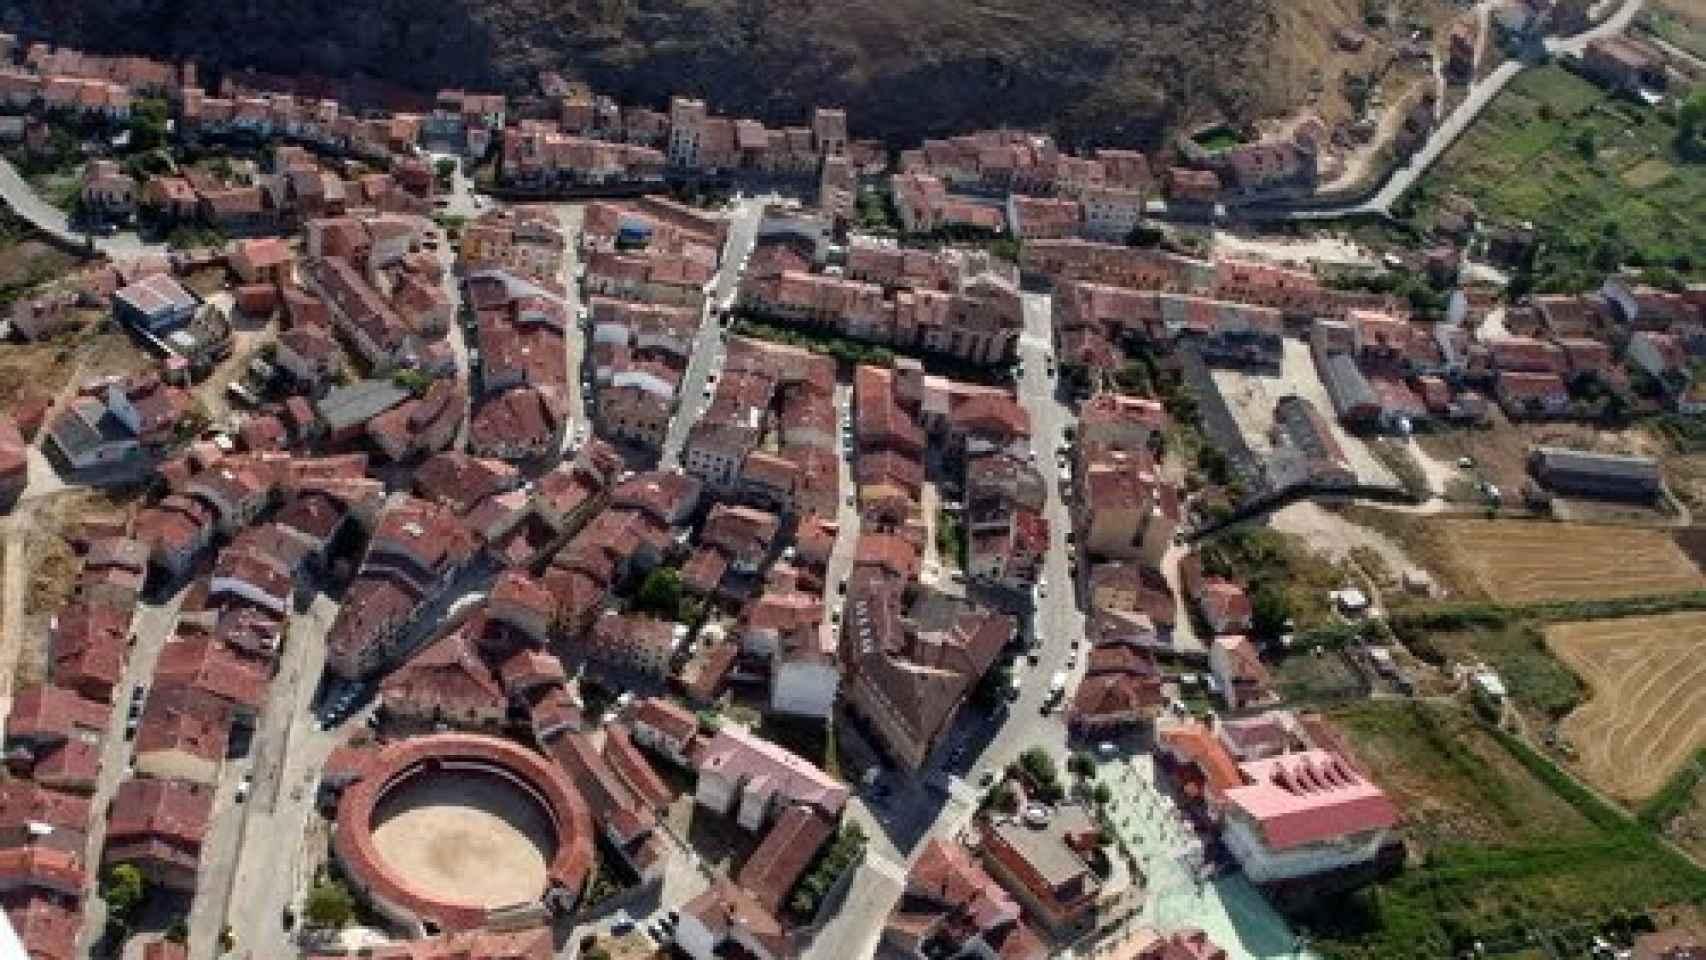 Vista aérea de Huerta del Rey